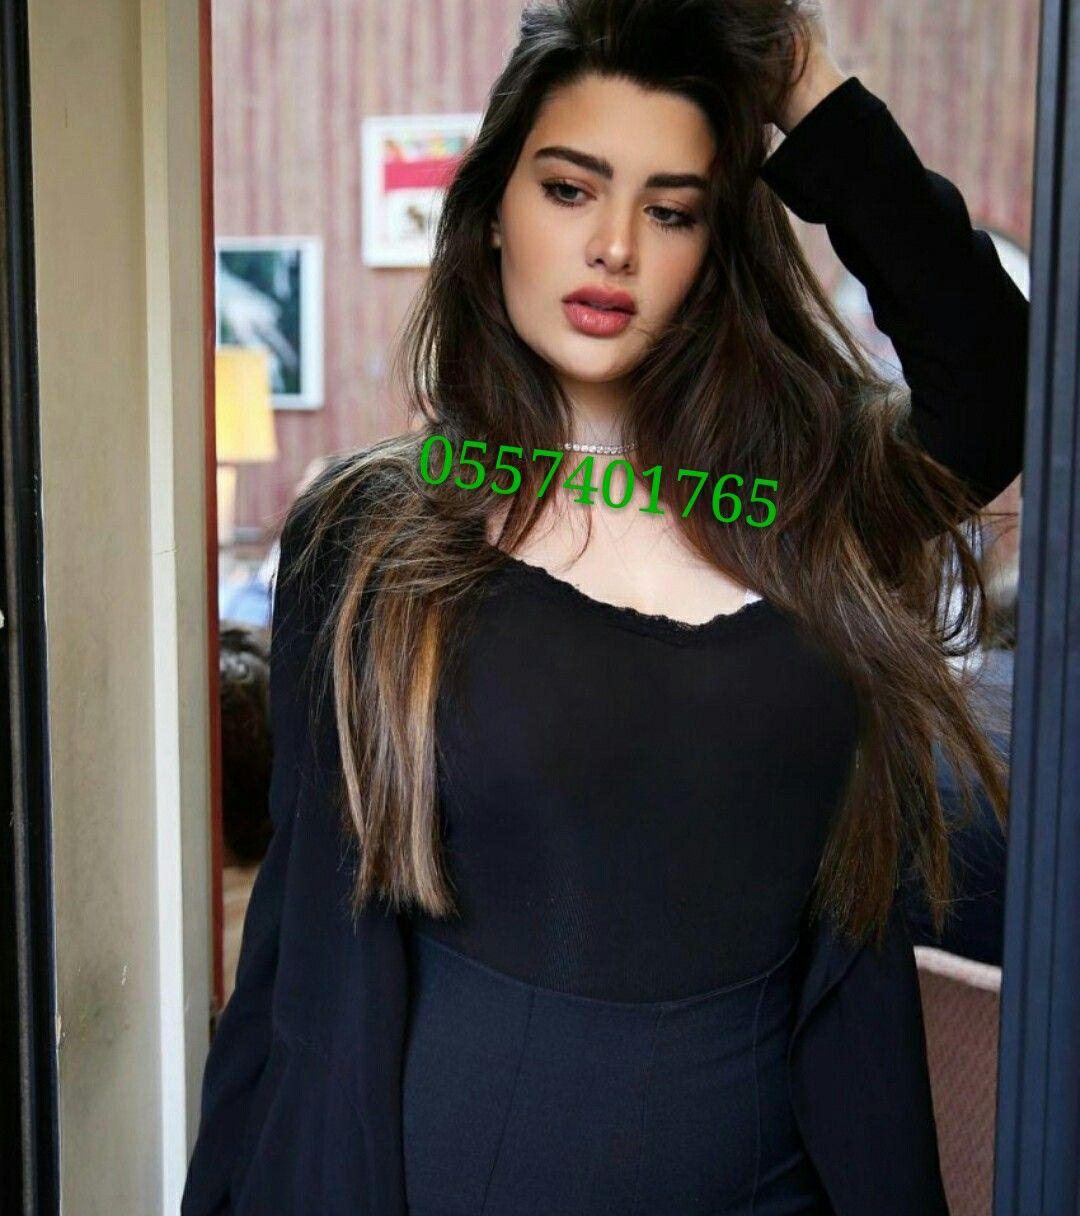 Pin on 0557407685-sexy hot massage girls Abu Dhabi